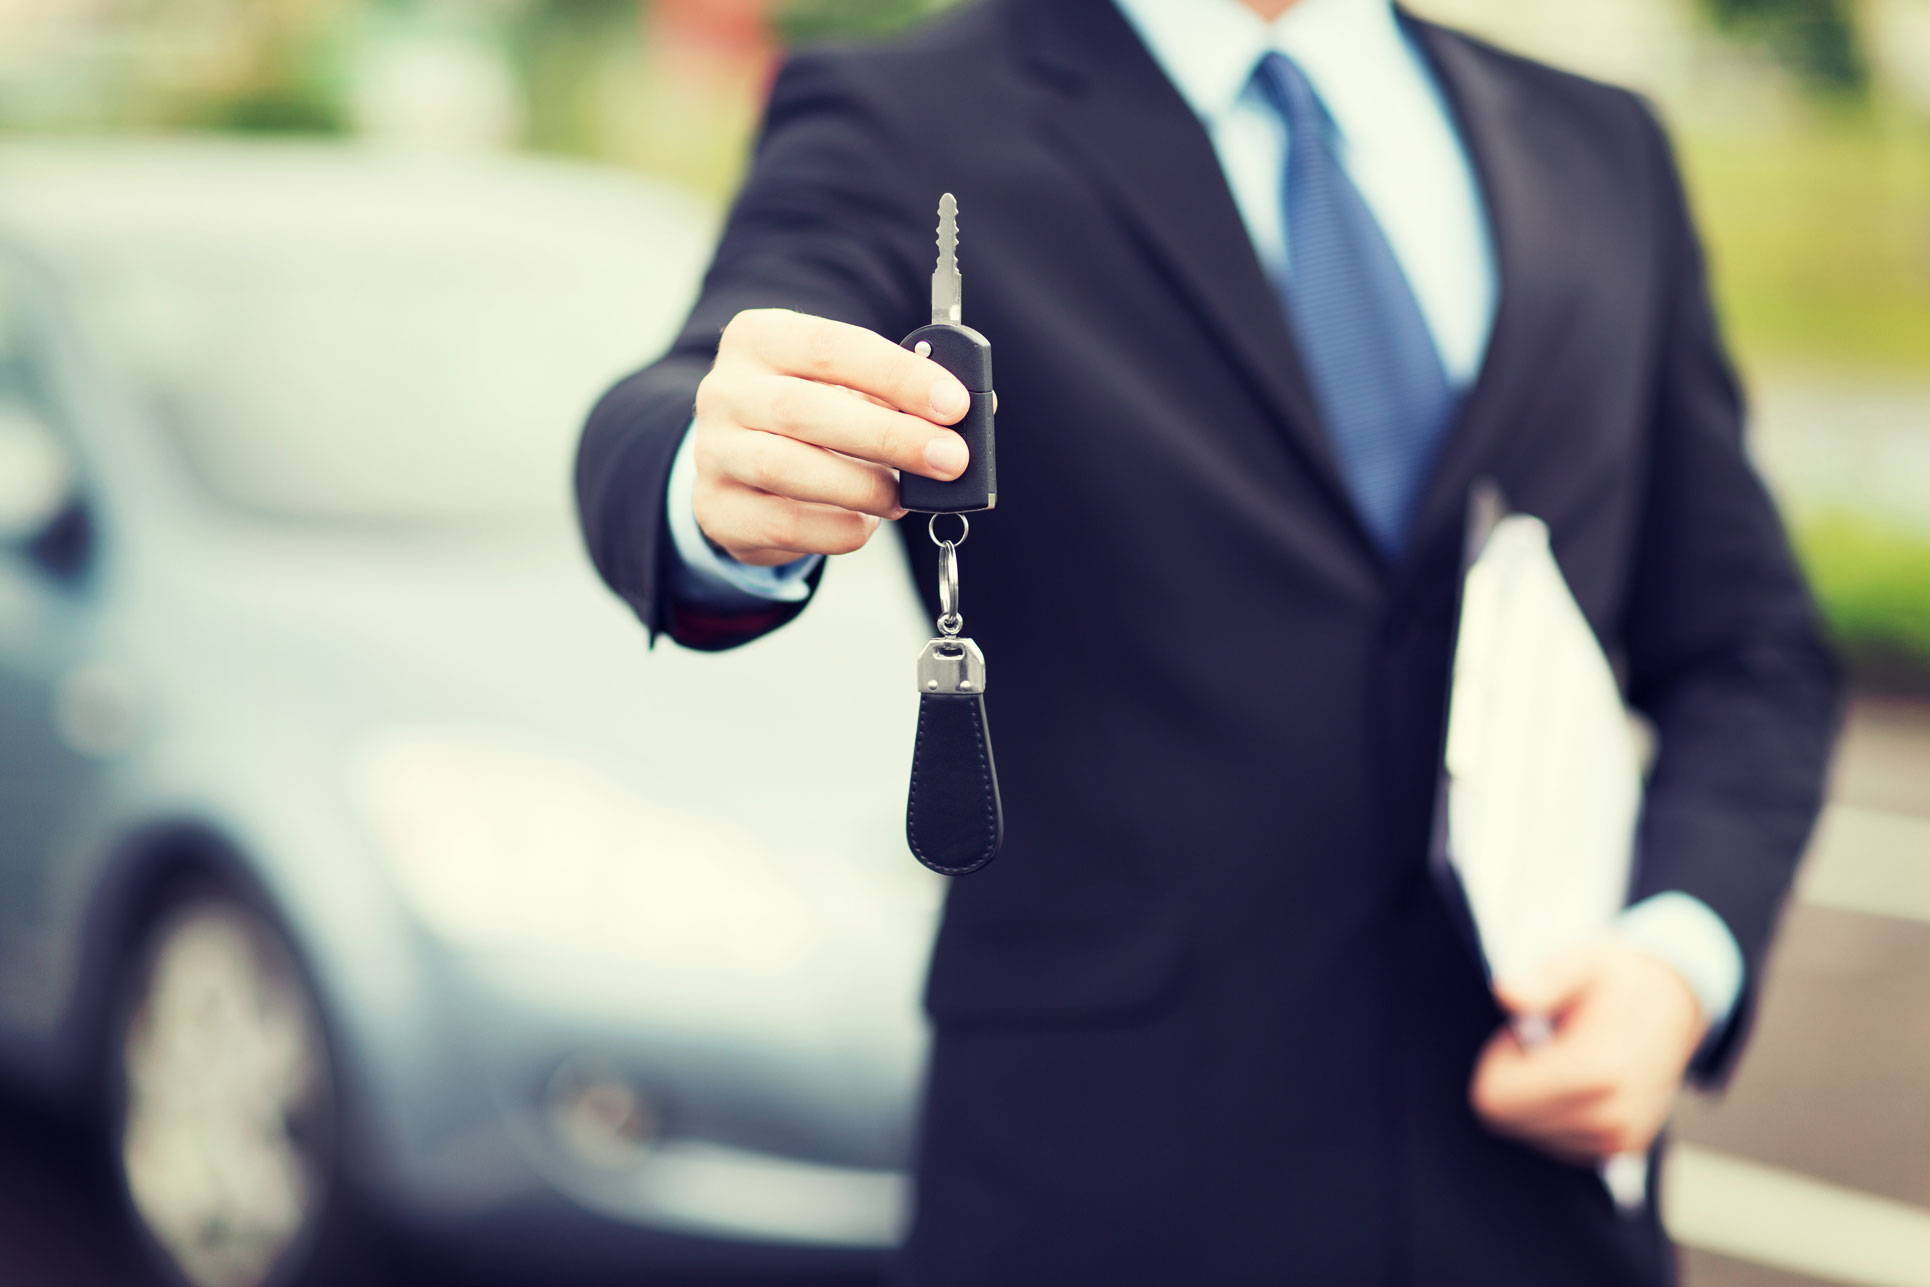 valet car parking